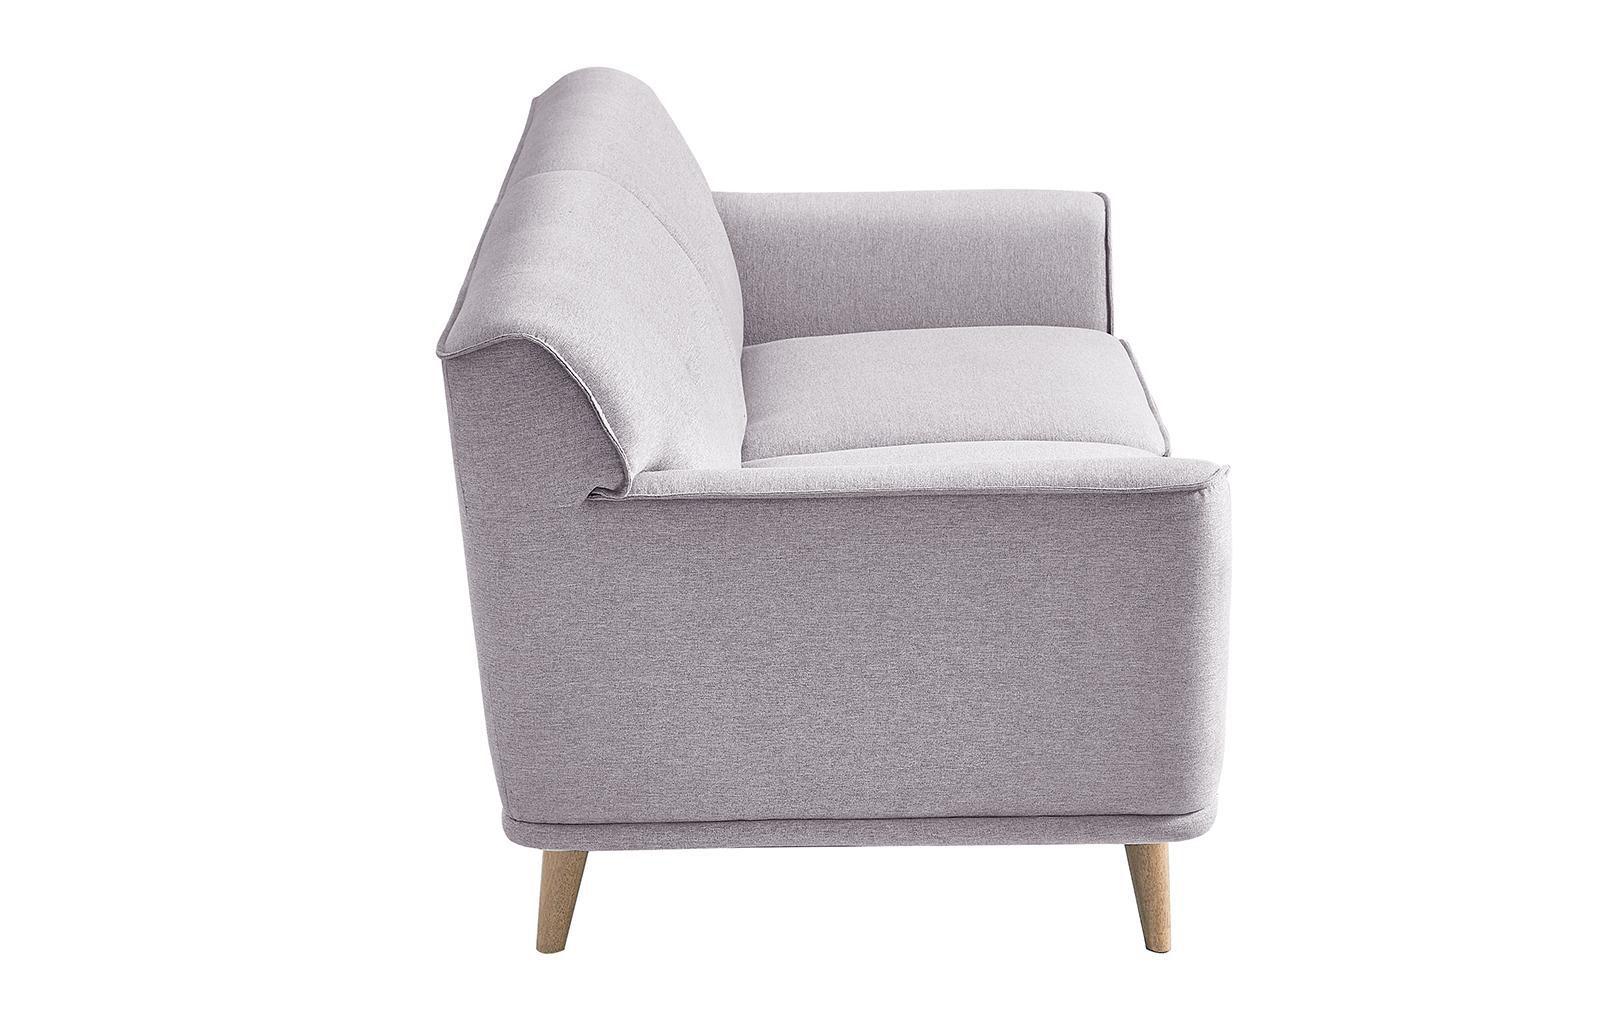 Диван Florena 5281 (2-х местный) серый (gray)